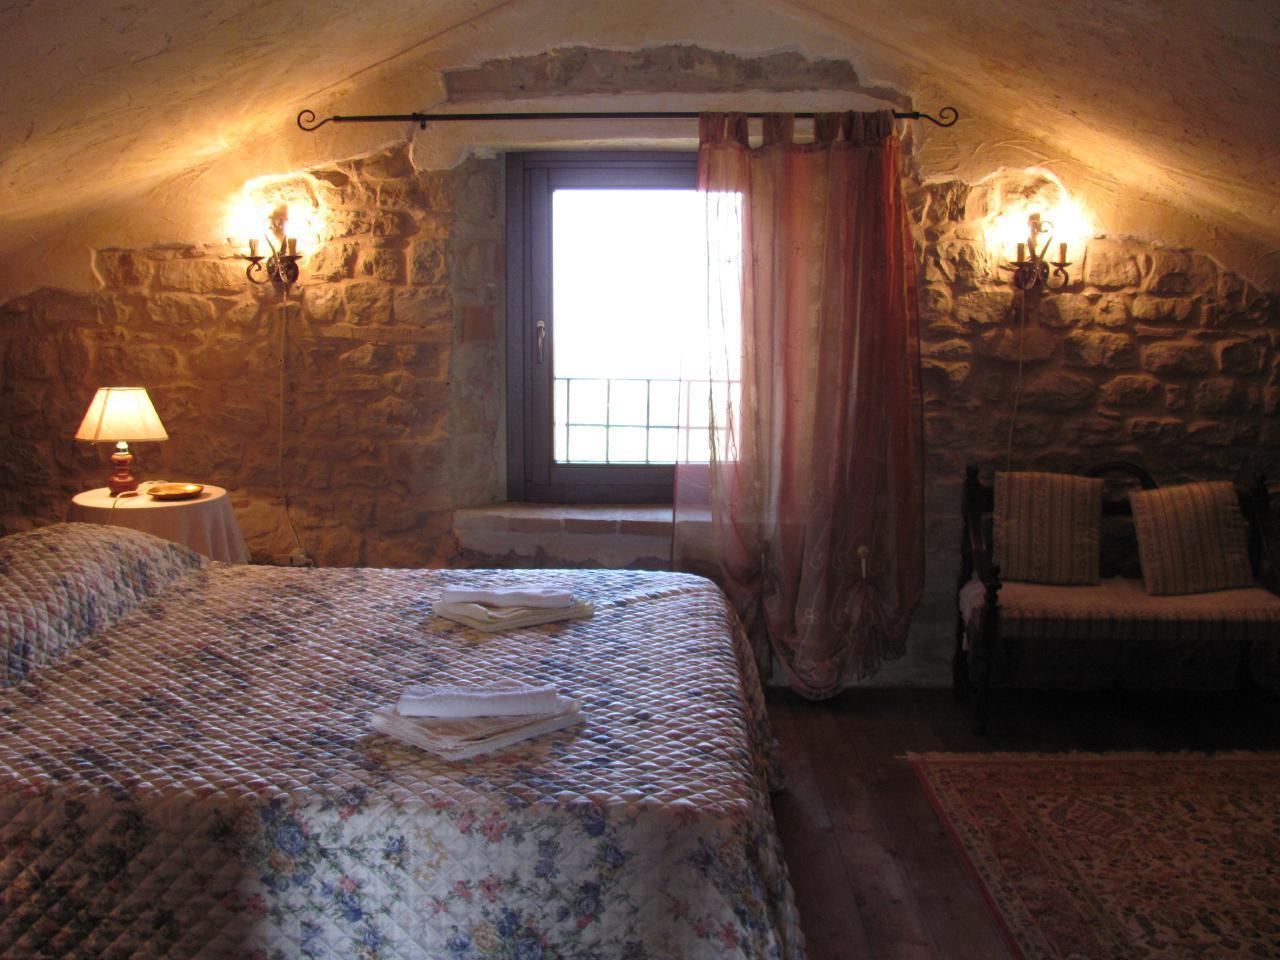 Ferienwohnung Old House - Romantische Wohnung in Villa (1344544), Penna San Giovanni, Macerata, Marken, Italien, Bild 8